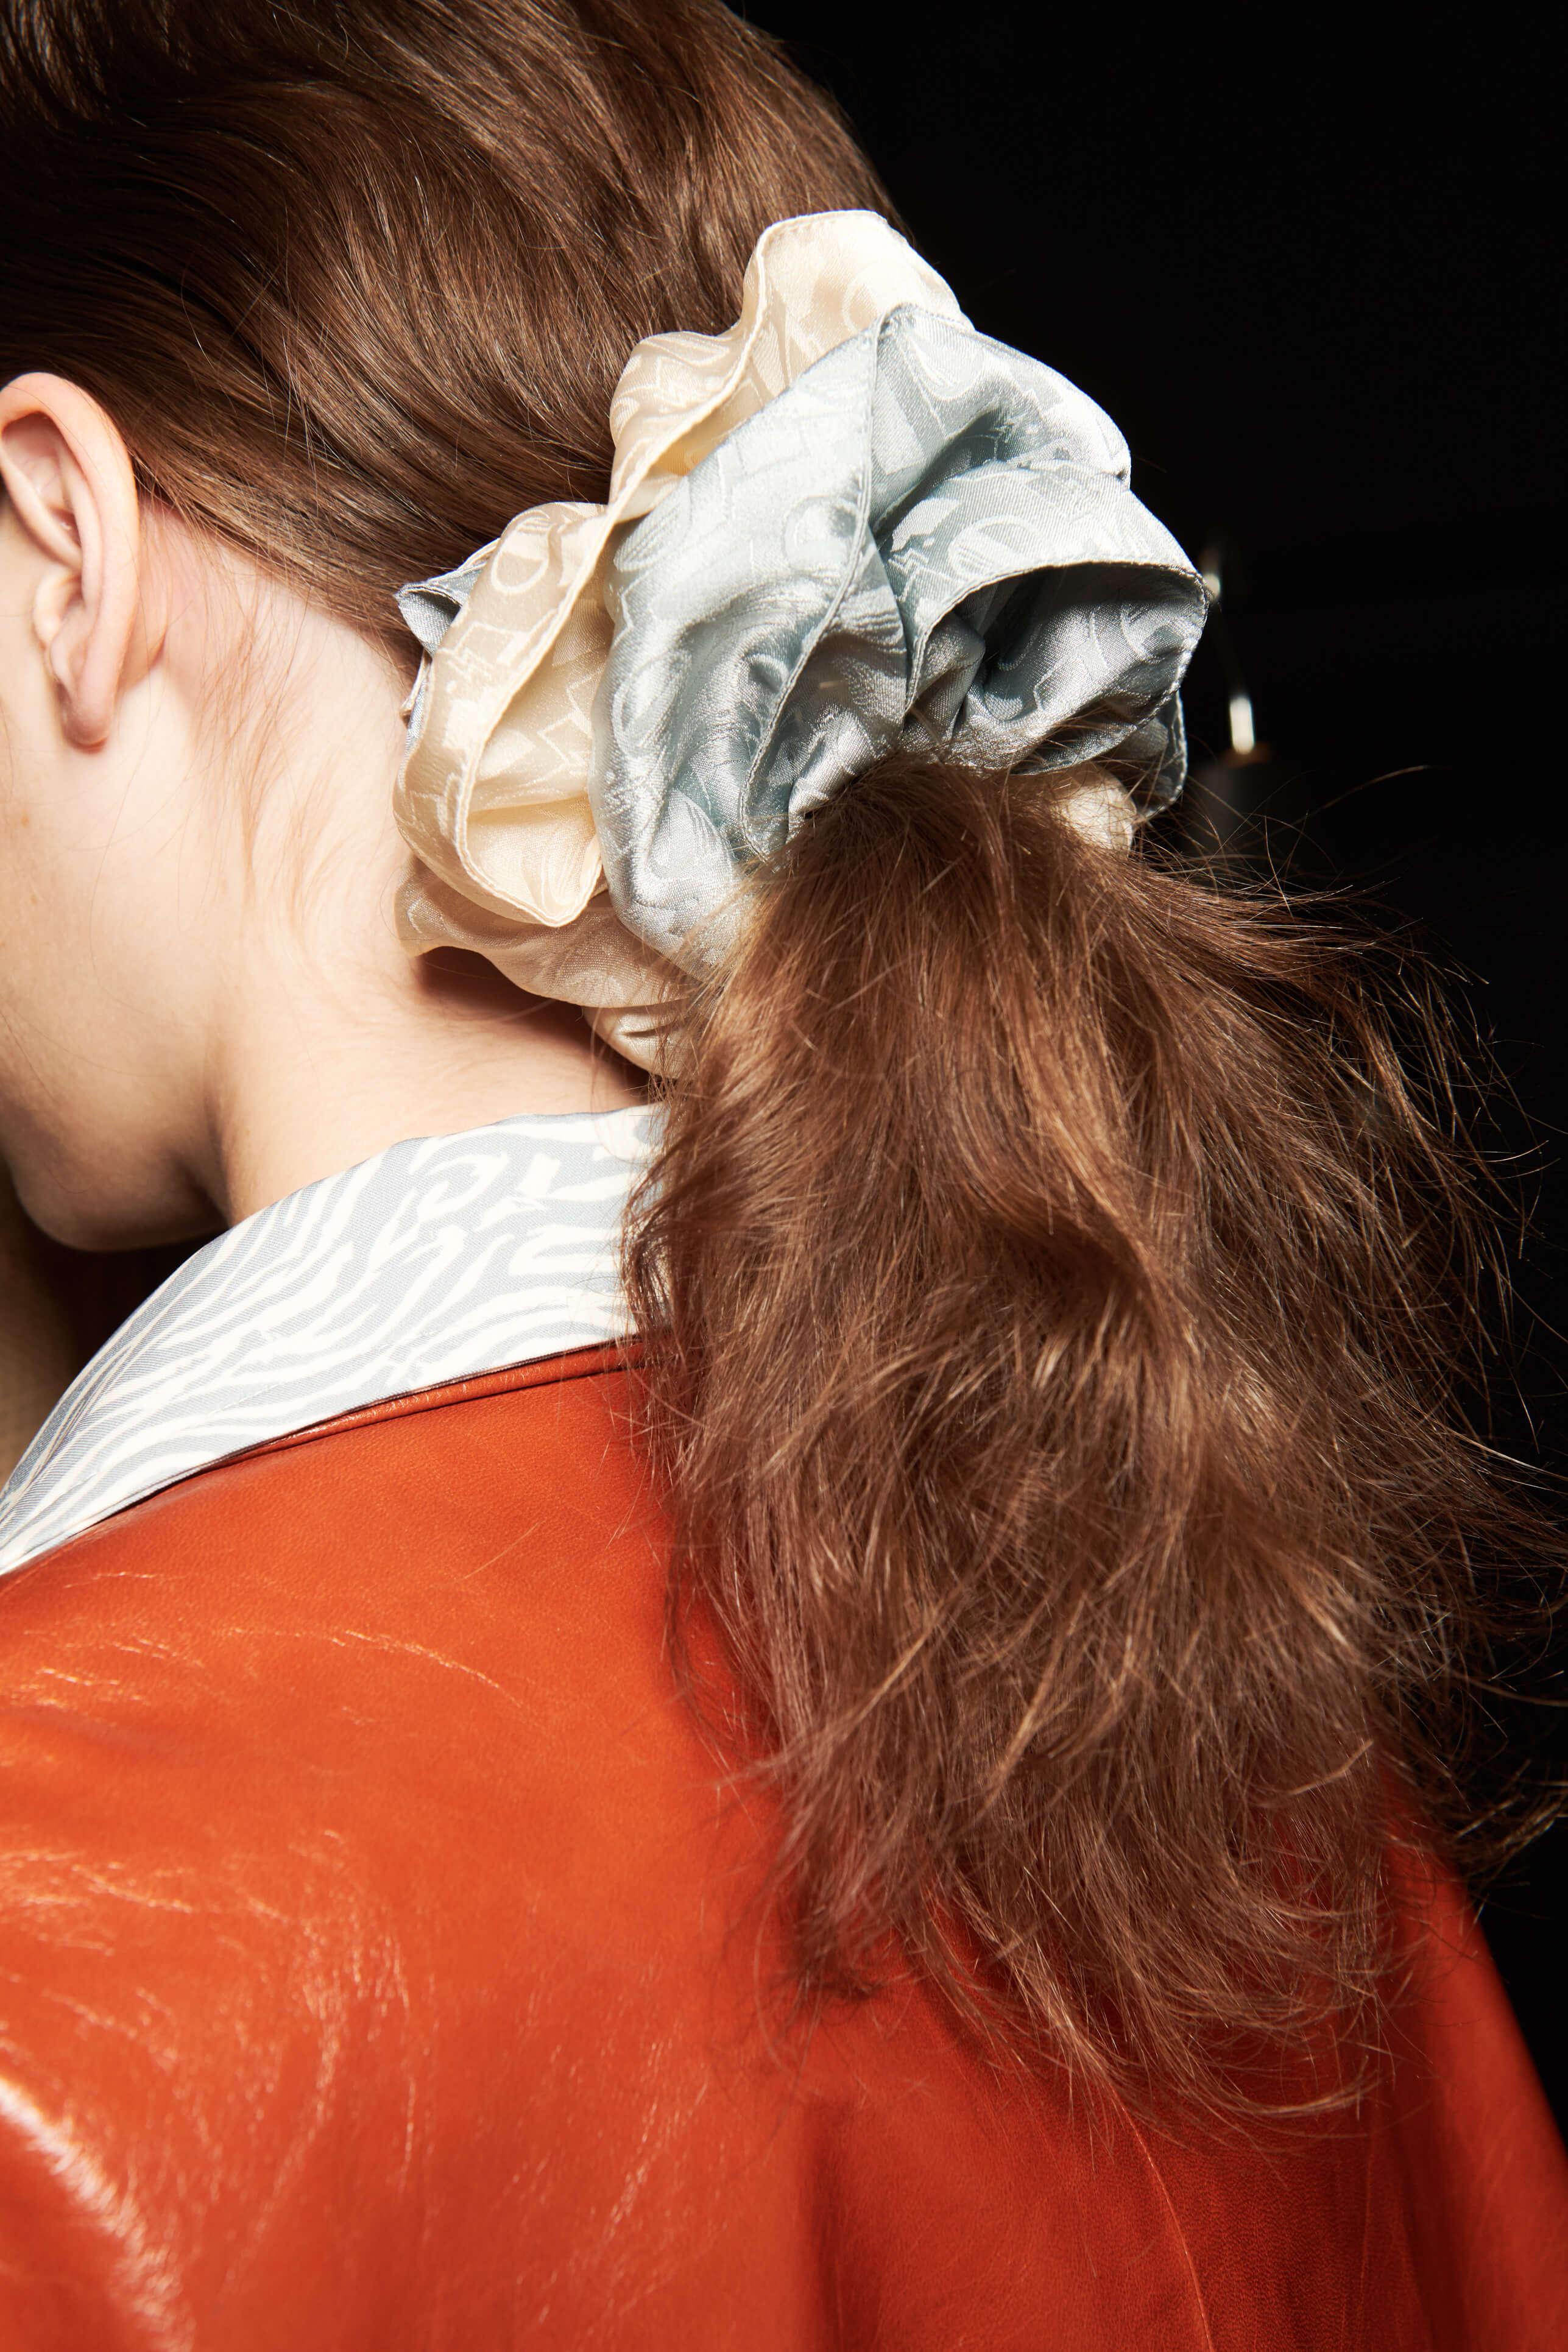 najlepsze maski nawilżające do włosów zniszczonych